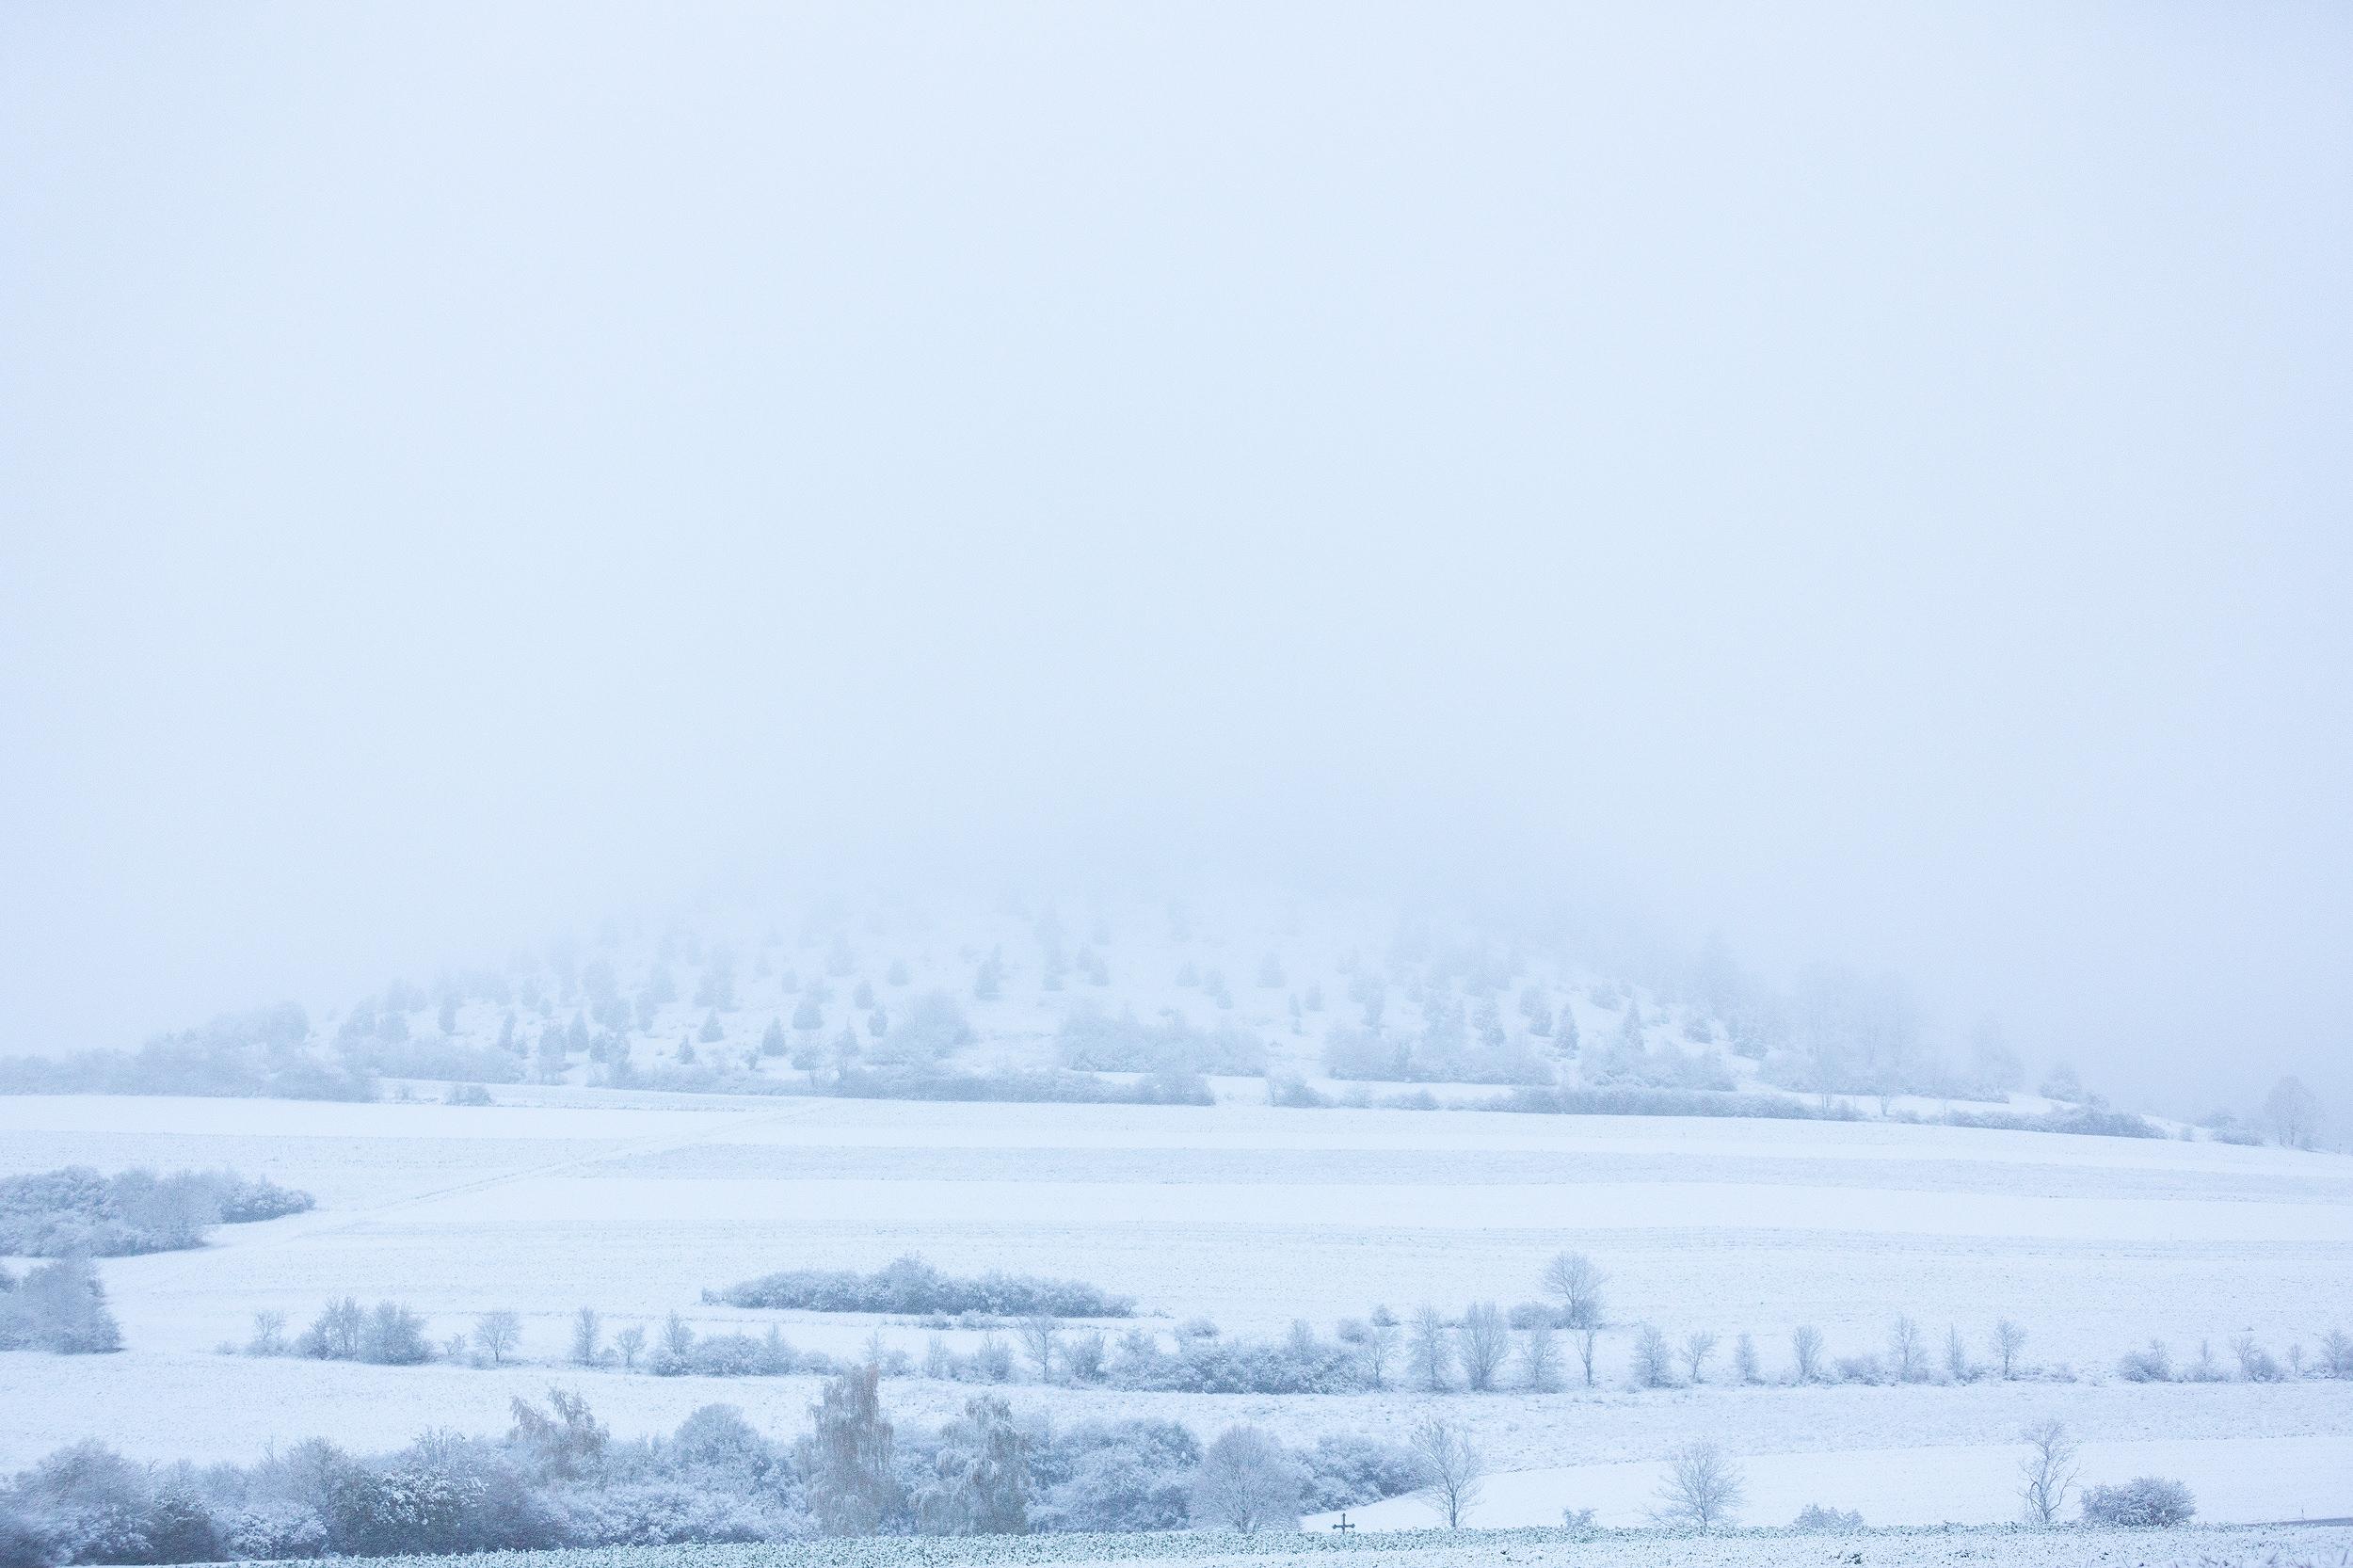 Erster Schnee am Kornbühl mit tiefhängender Wolkendecke